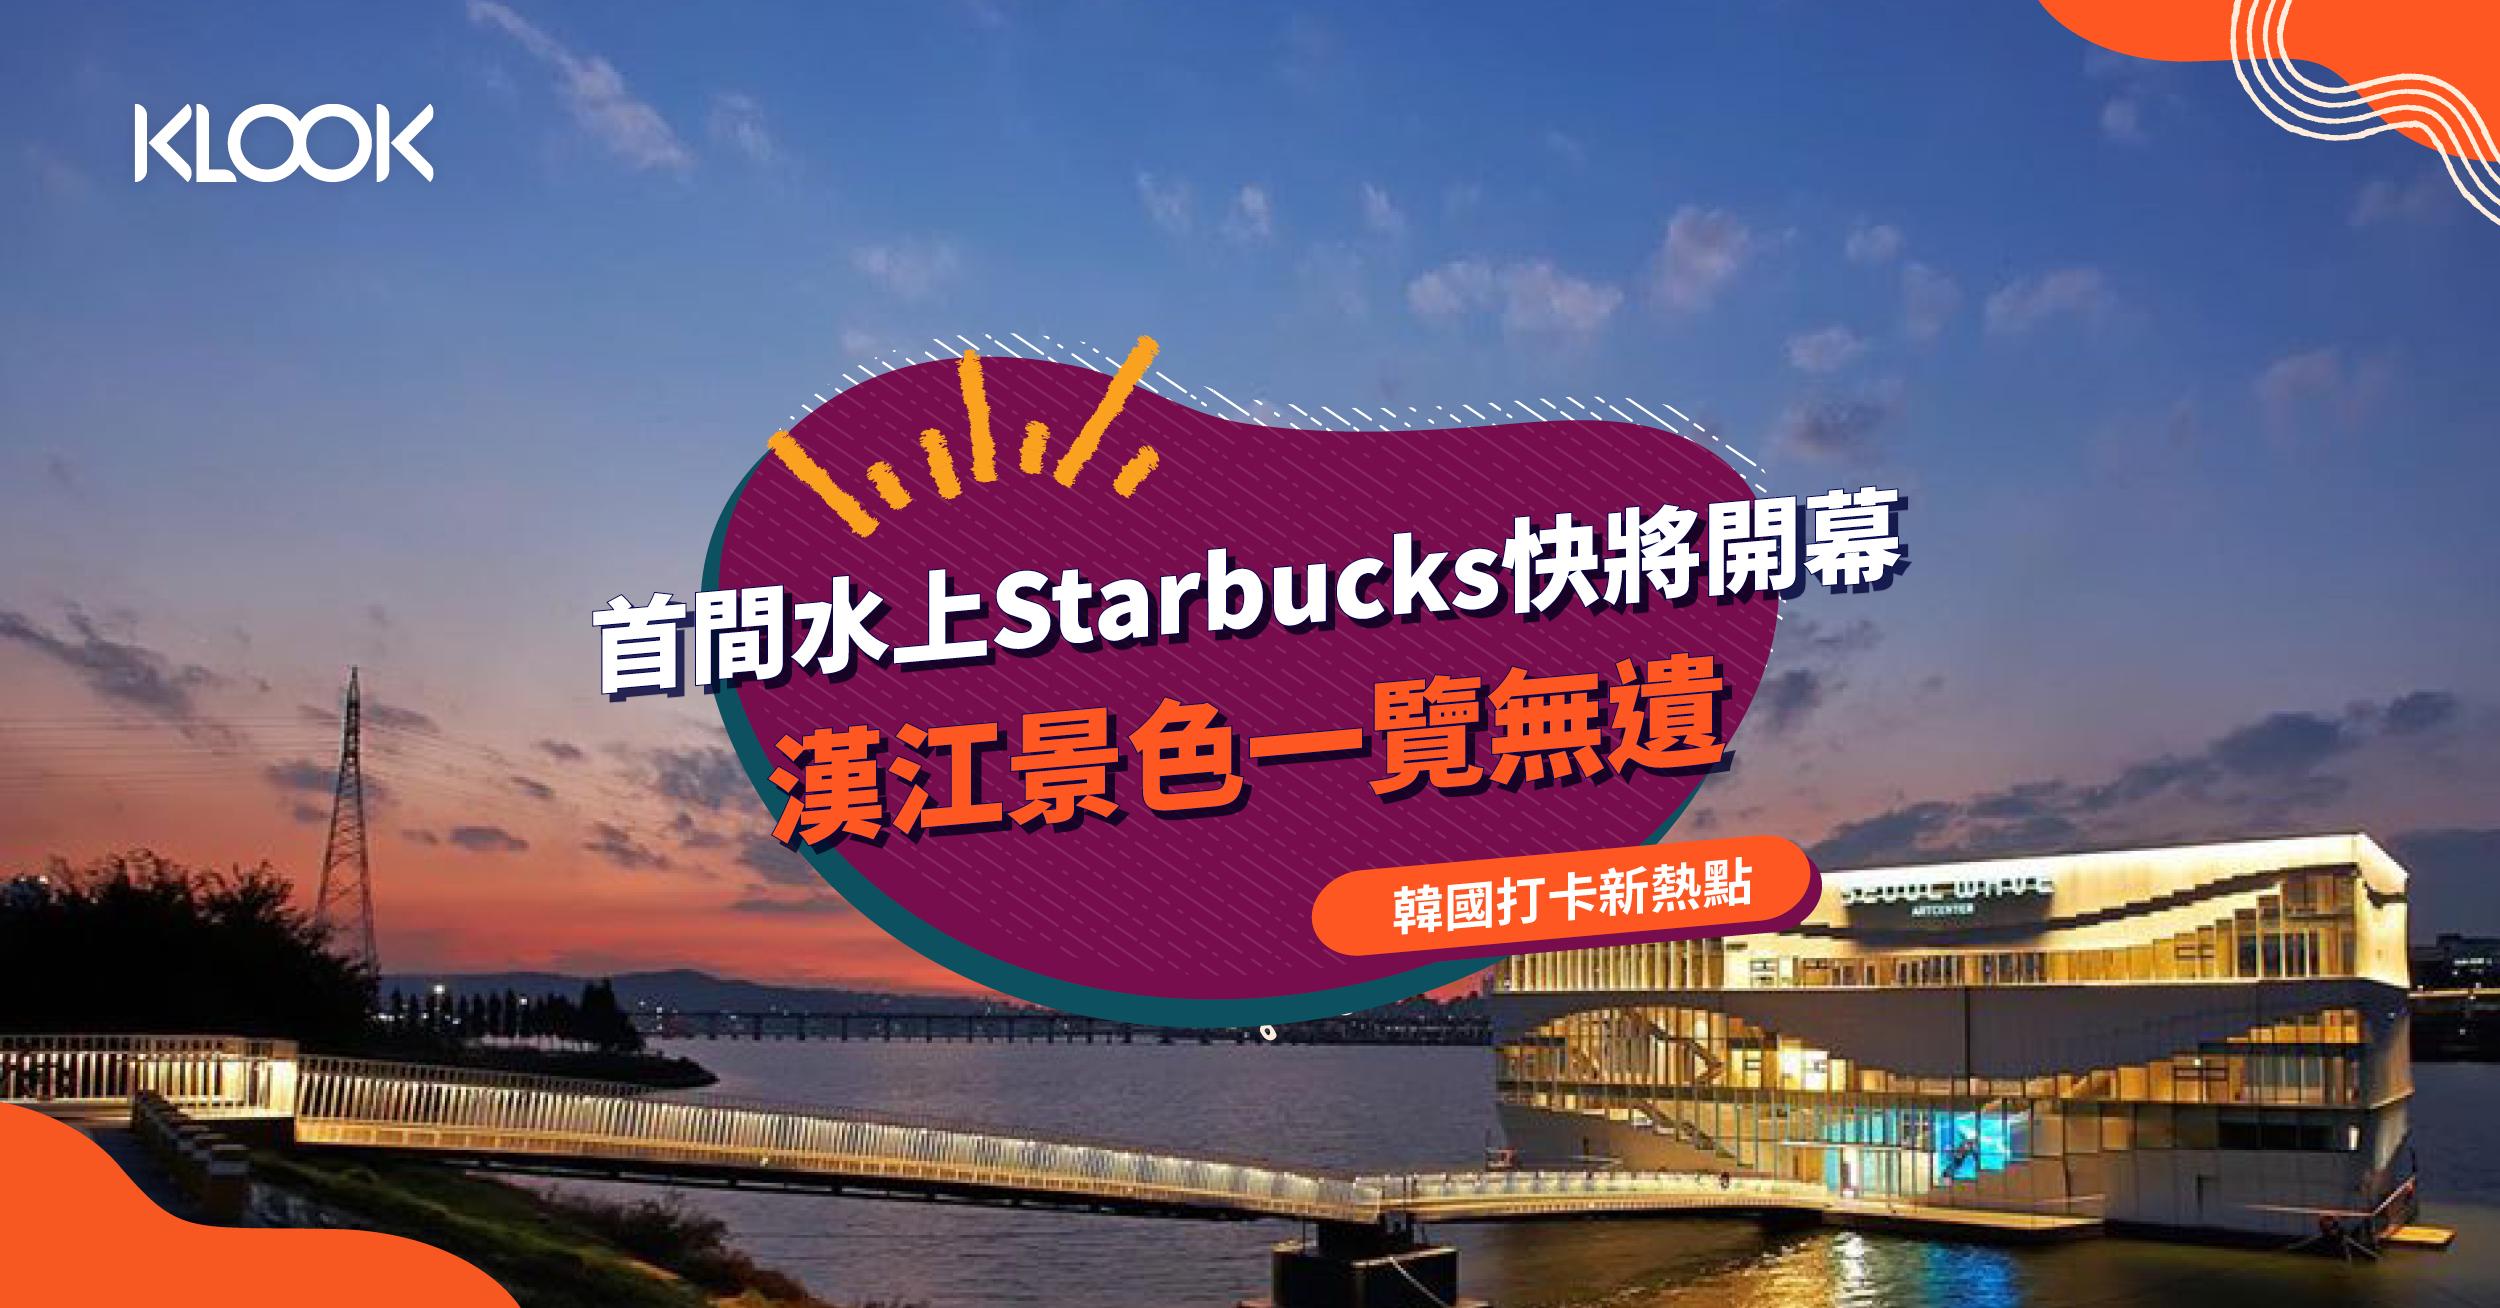 【韓國打卡新熱點】 首間水上Starbucks快將開幕 漢江景色一覽無遺